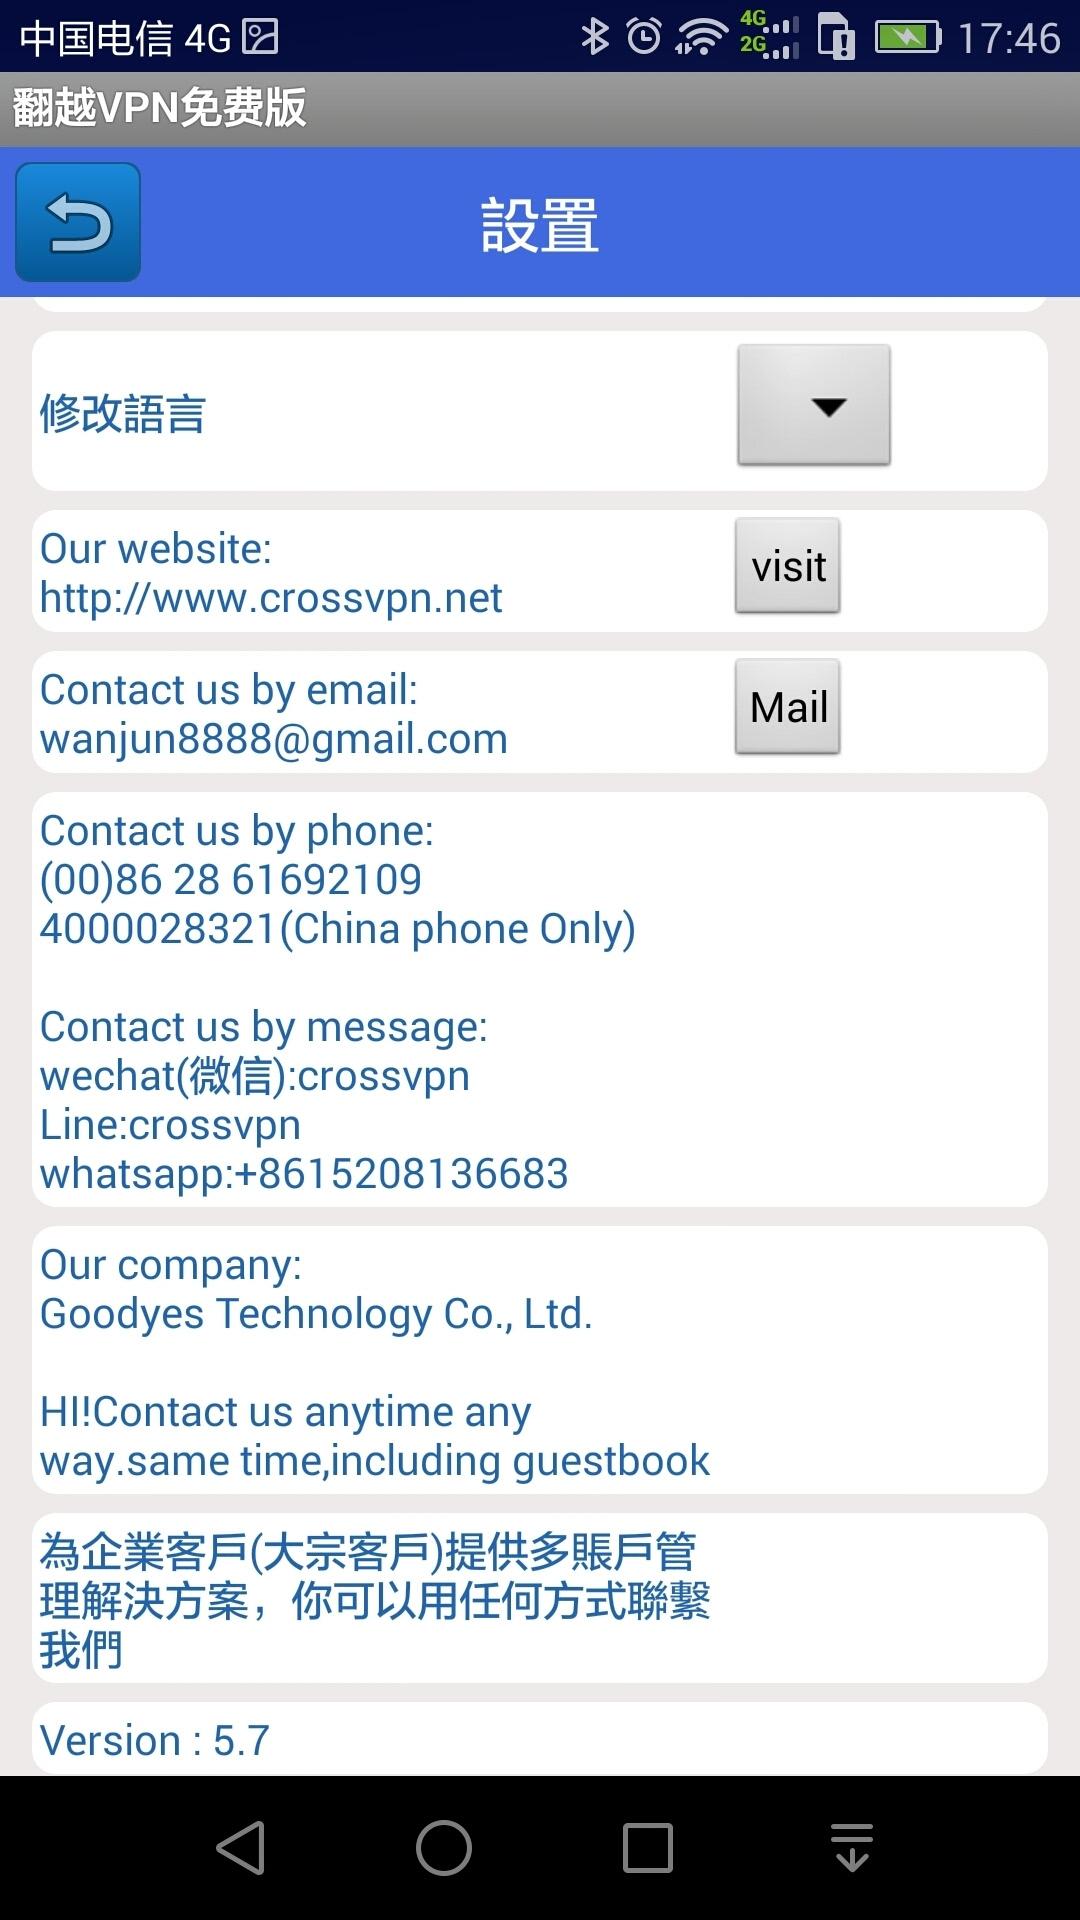 教你永久免费使用CrossVPN 翻越VPN